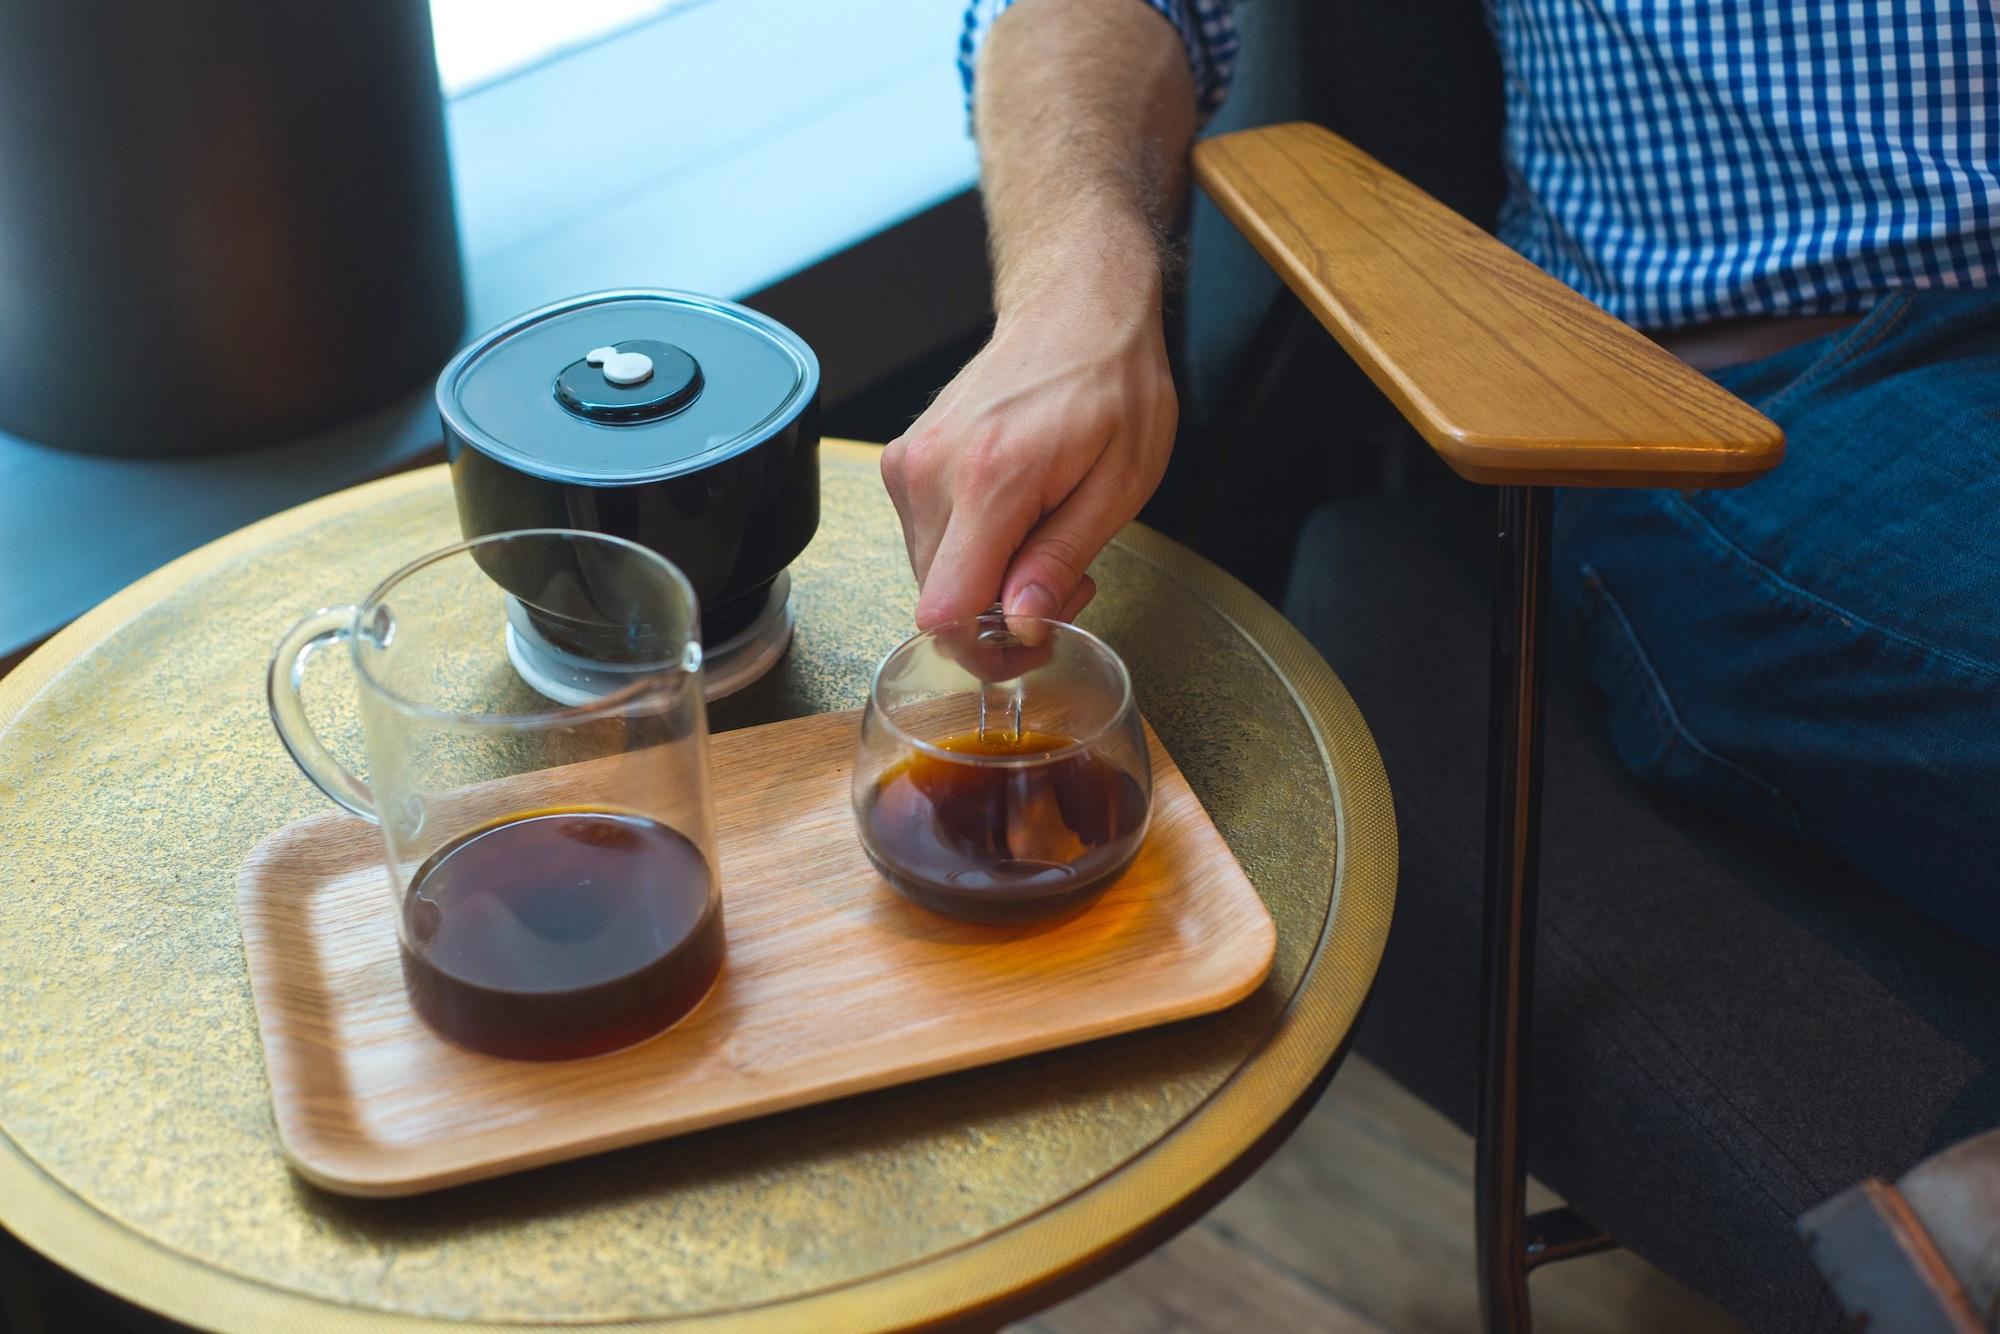 FrankOne je první kávovar vyrobený v Kolumbii, jedné z nejzásadnějších zemí, co se týče produkce a distribuce kávy